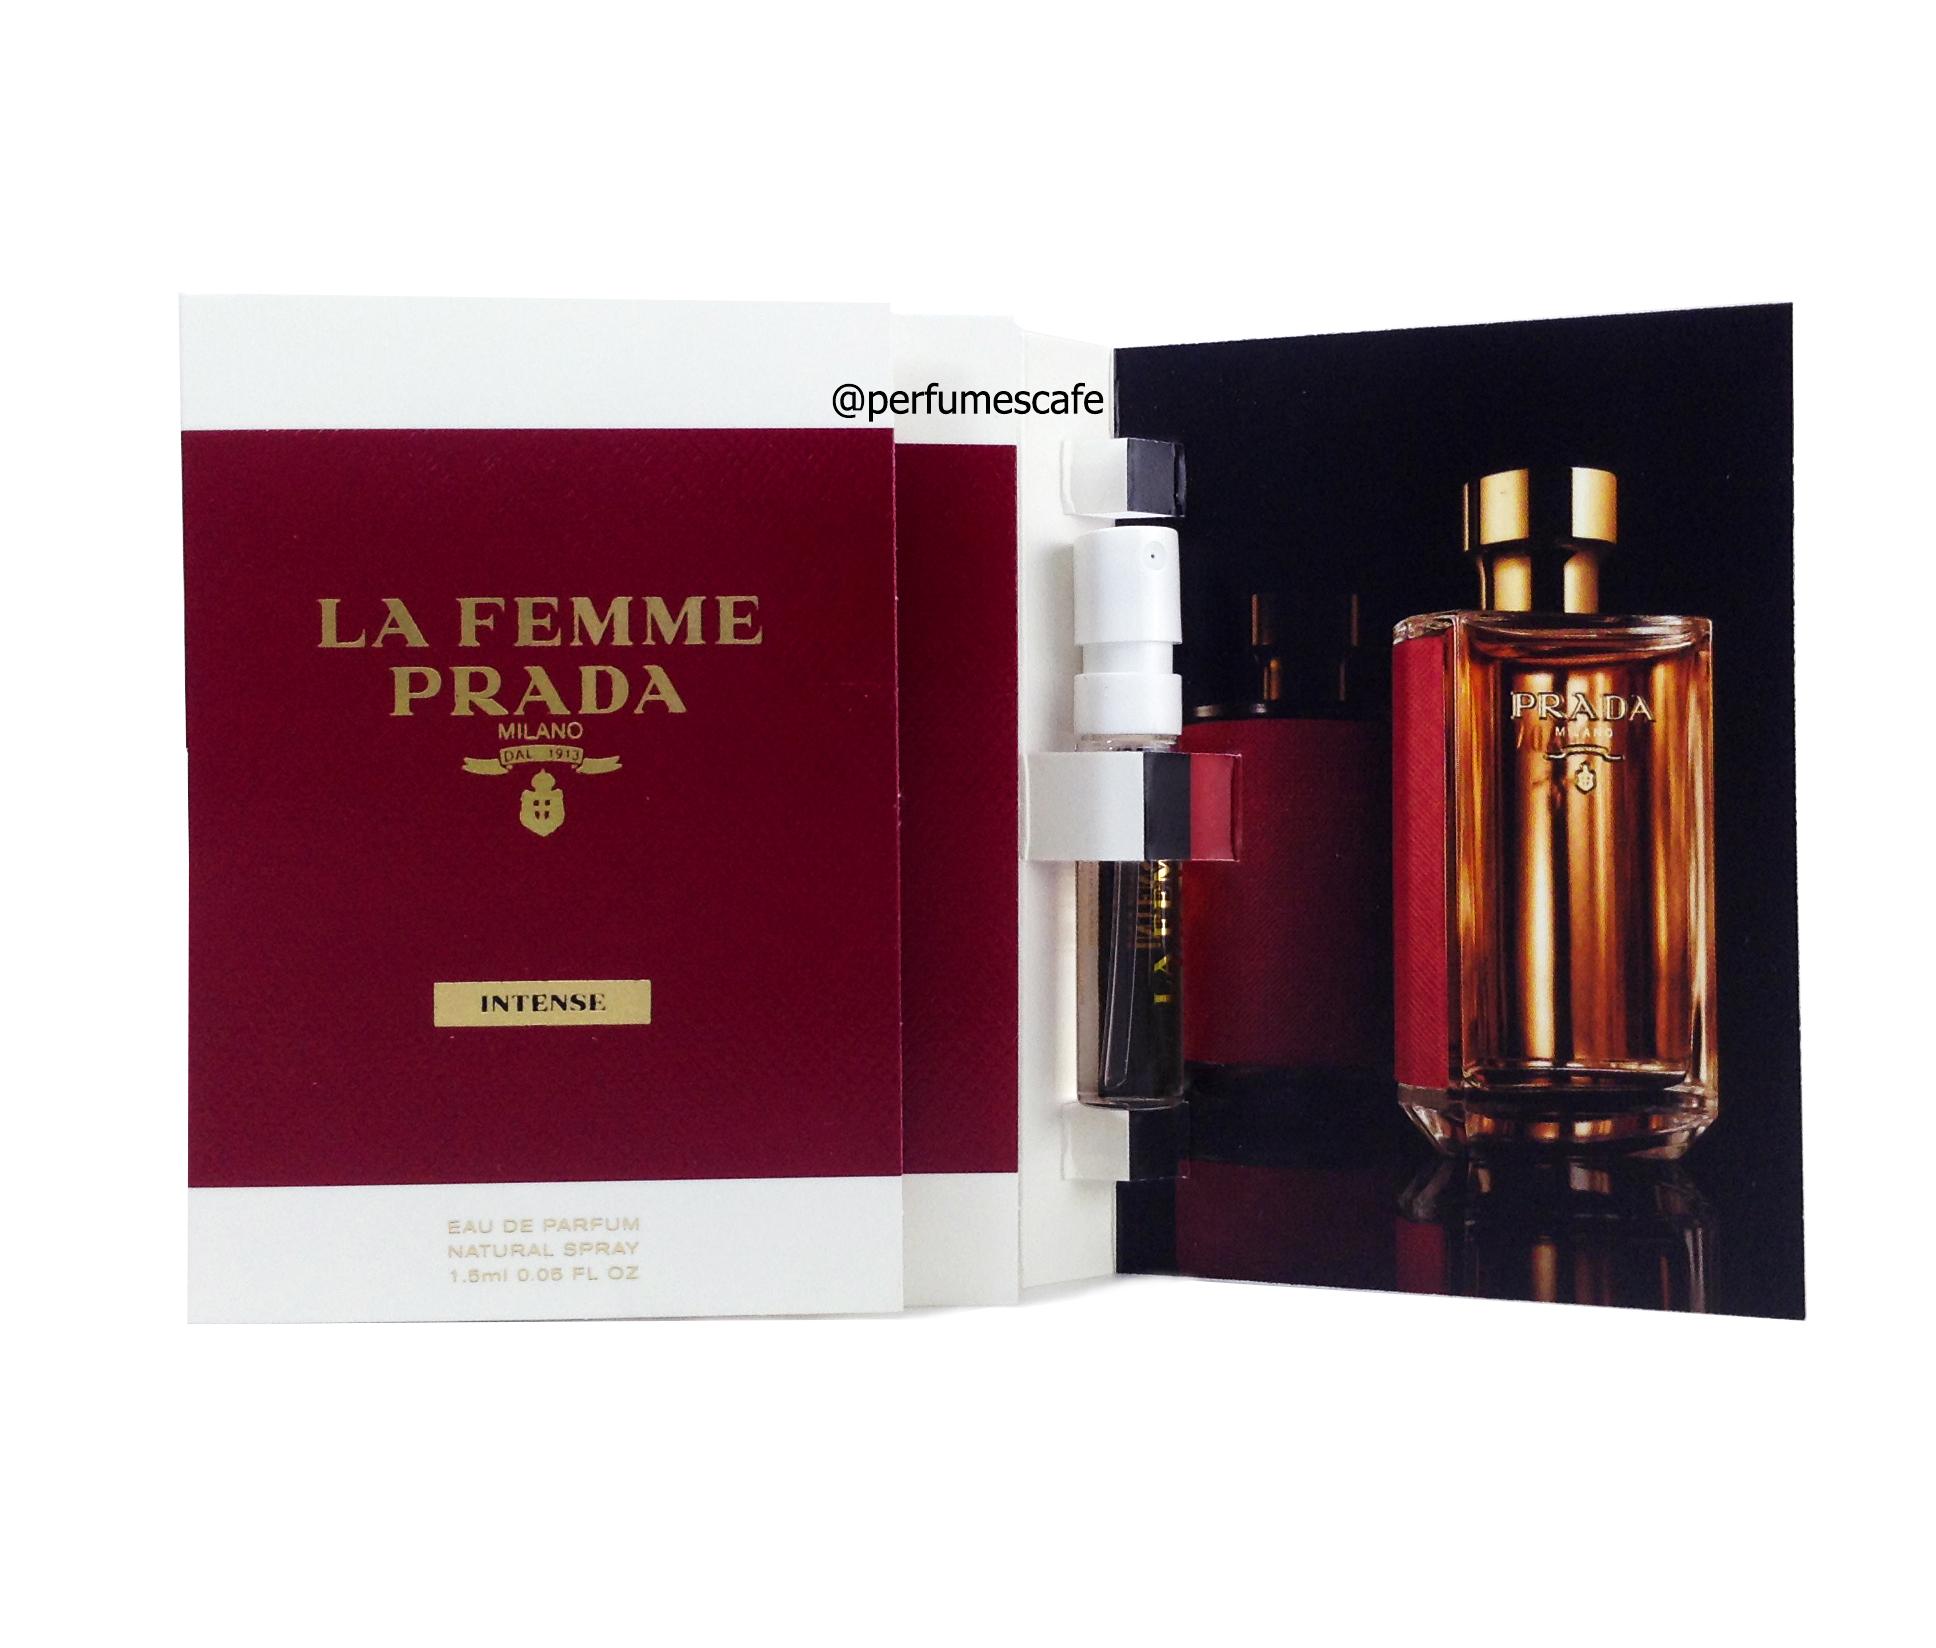 น้ำหอม Prada La Femme Eau de Parfum Intense ขนาดทดลอง 1.5ml